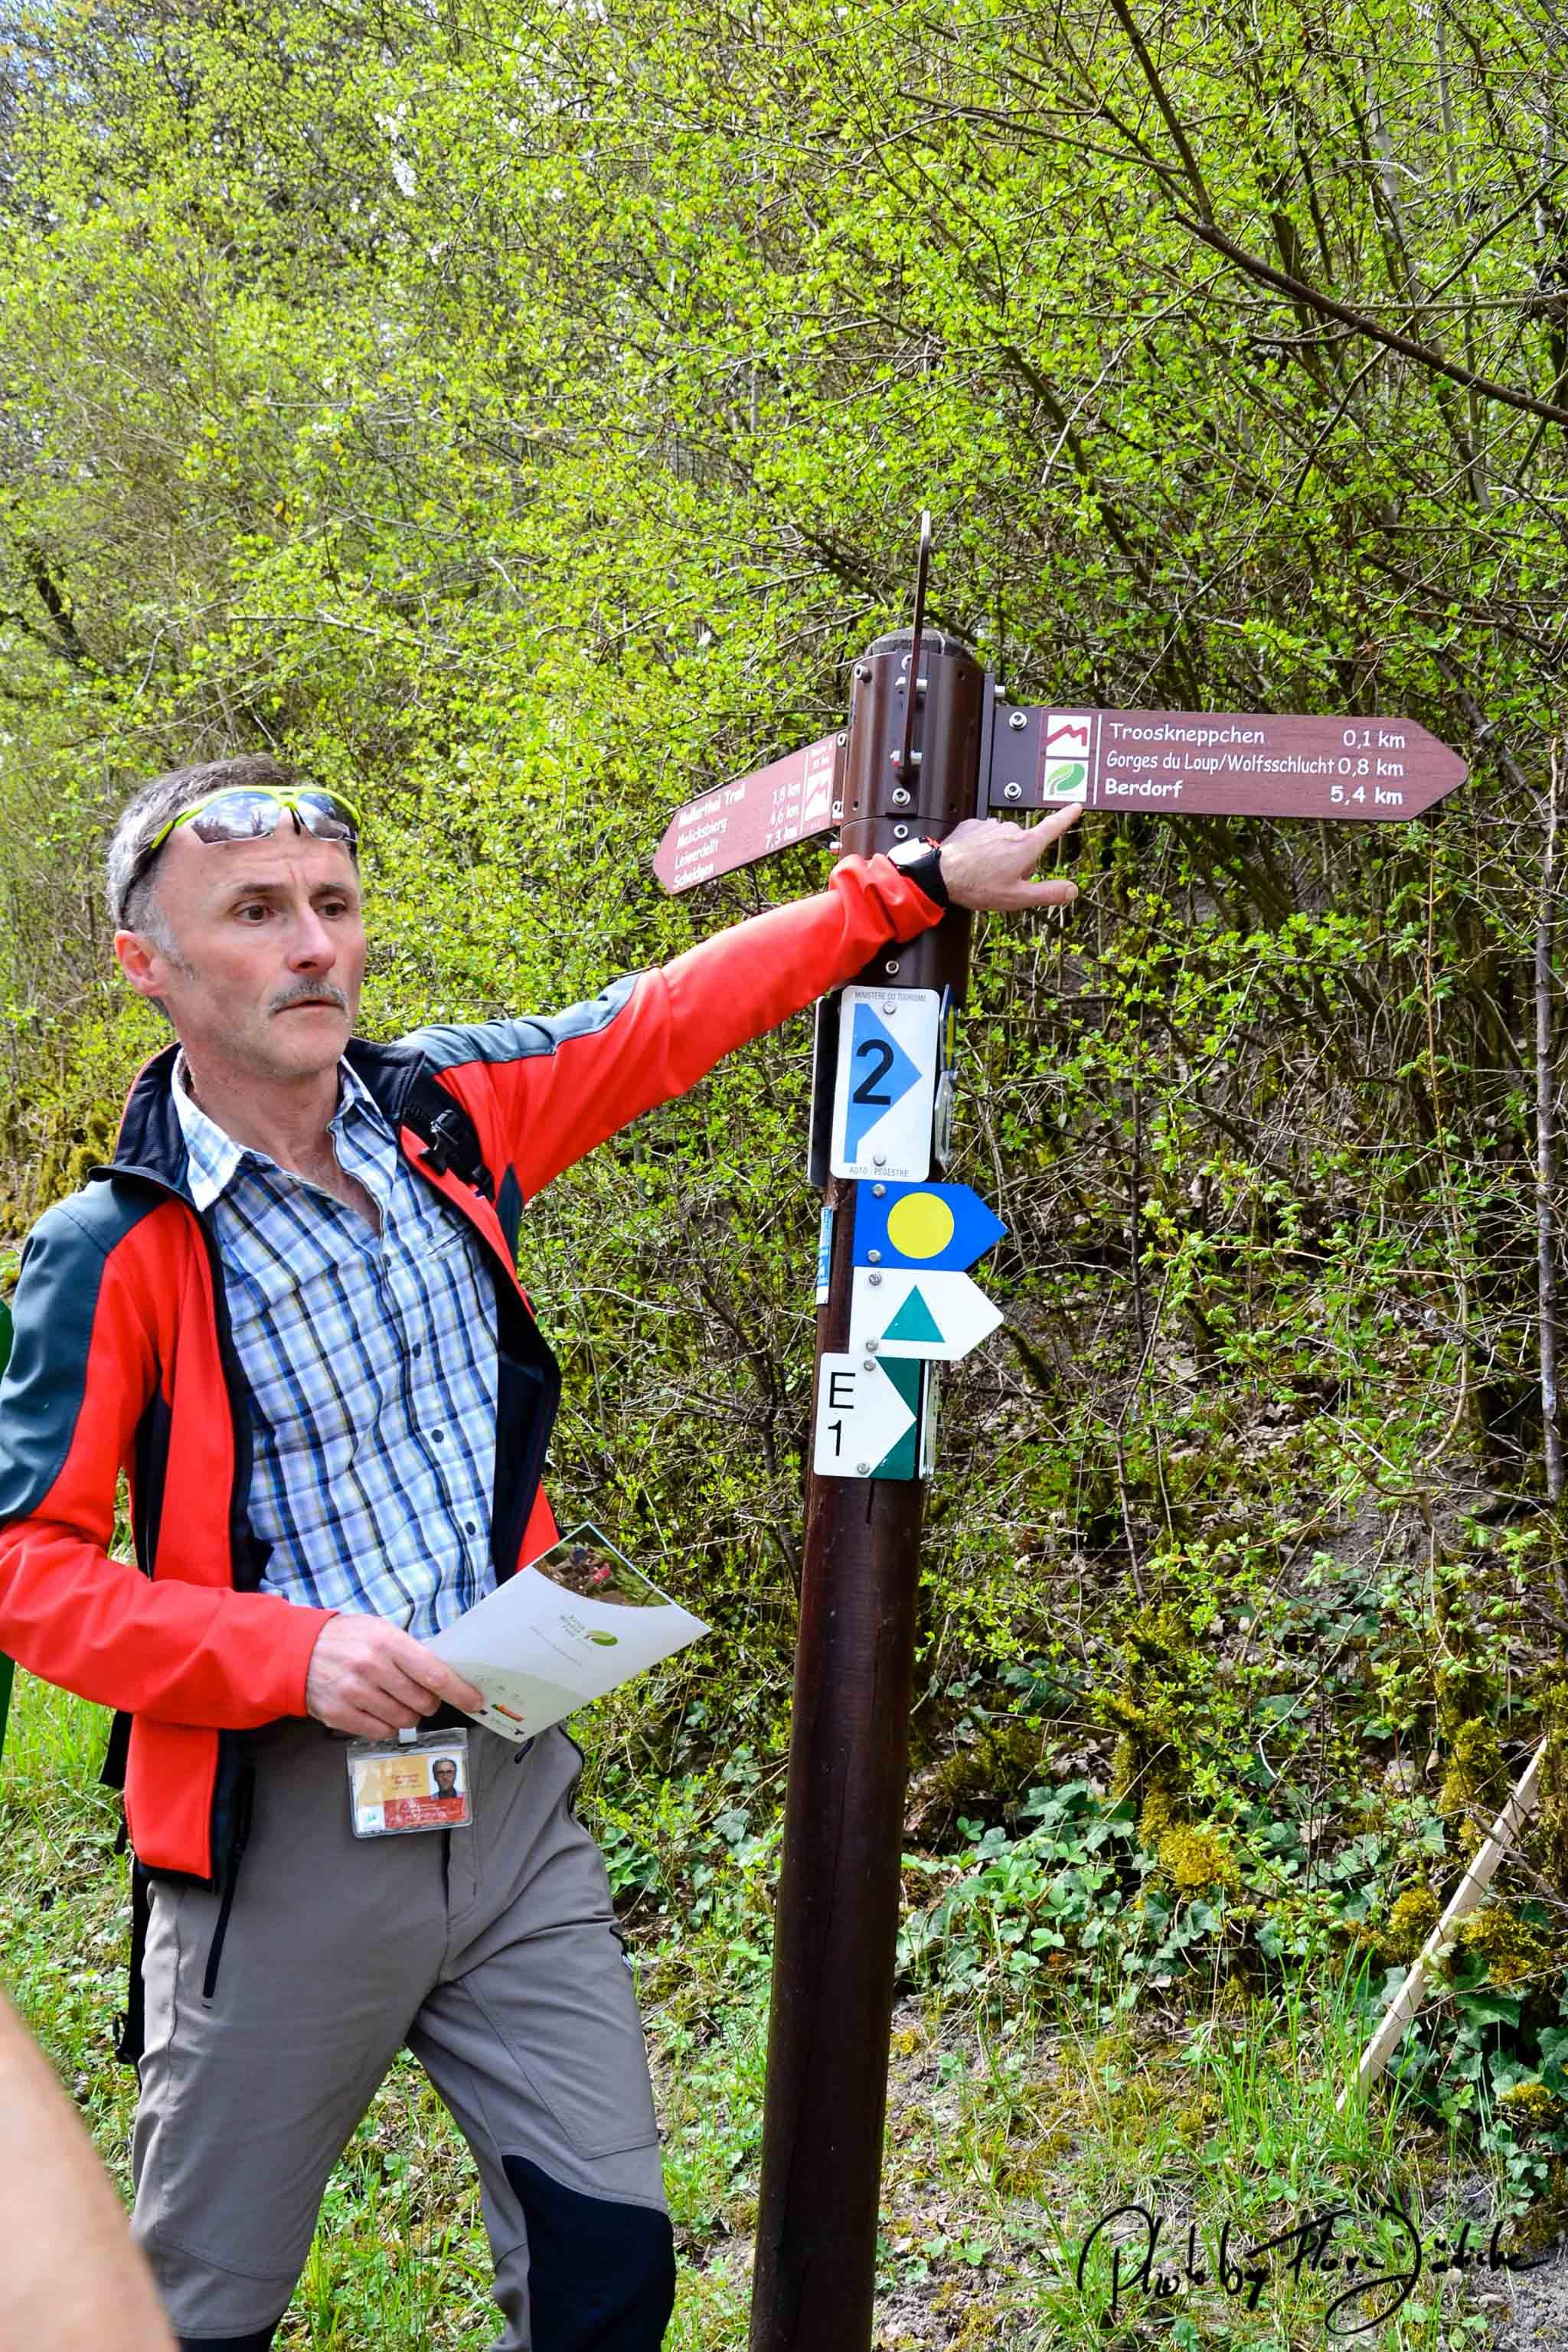 Gian Marco Bartolini kennt die Felsen-Wege wie seine Westentasche. Foto: Flora Jädicke